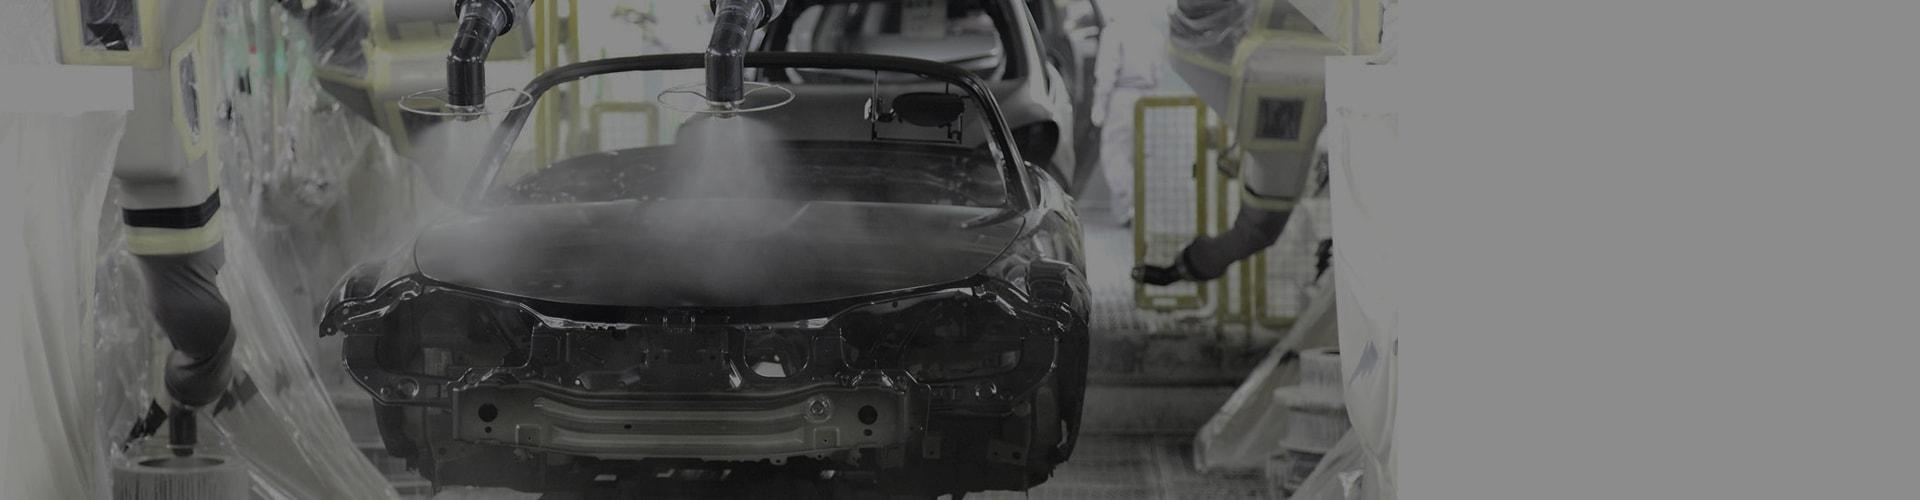 Современные технологии покраски автомобилей